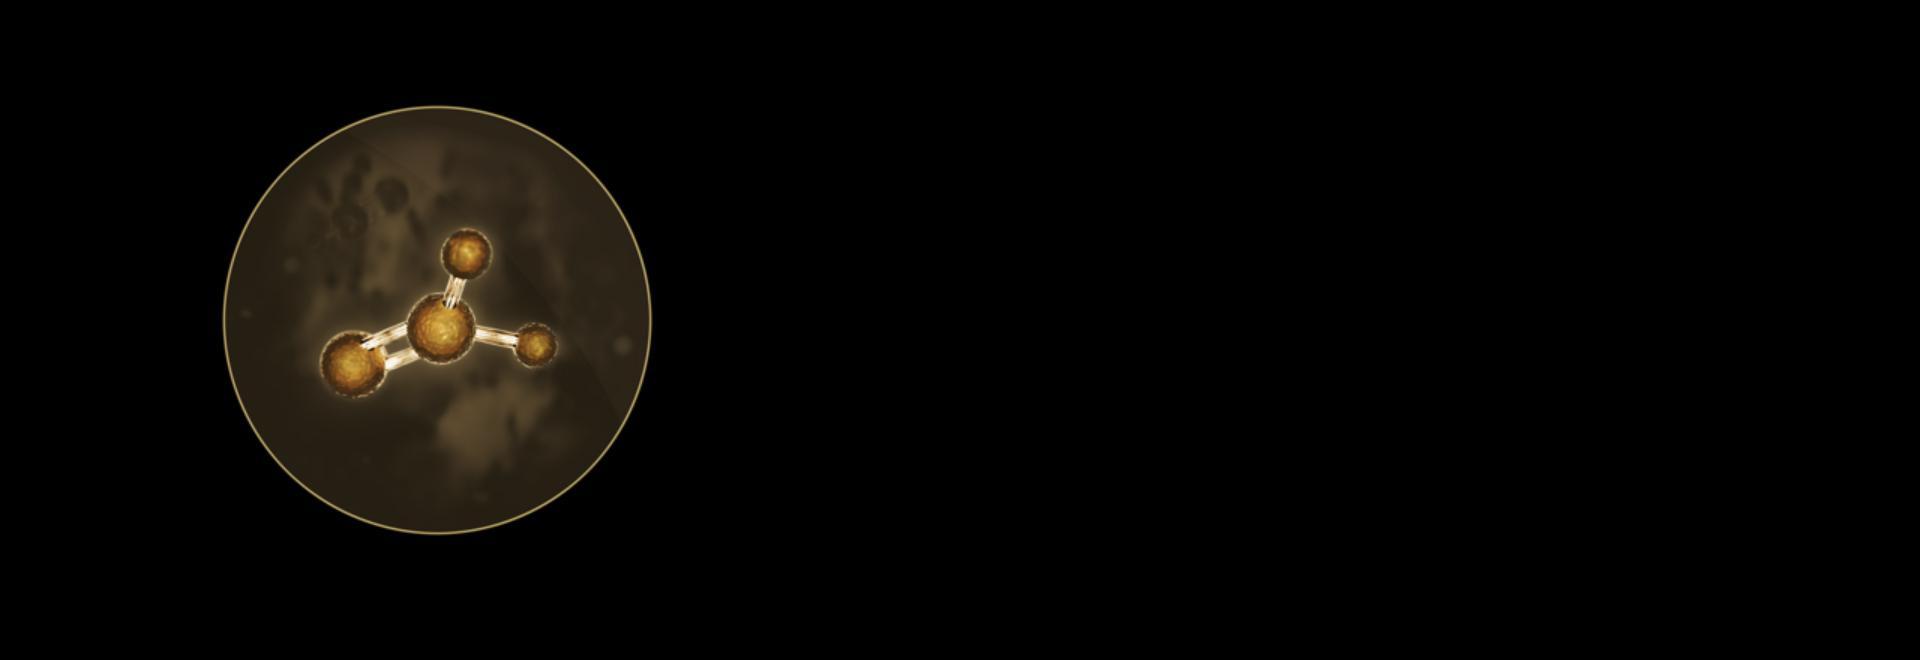 ภาพขยายของอนุภาคและก๊าซอันตราย รวมถึงฟอร์มาลดีไฮด์